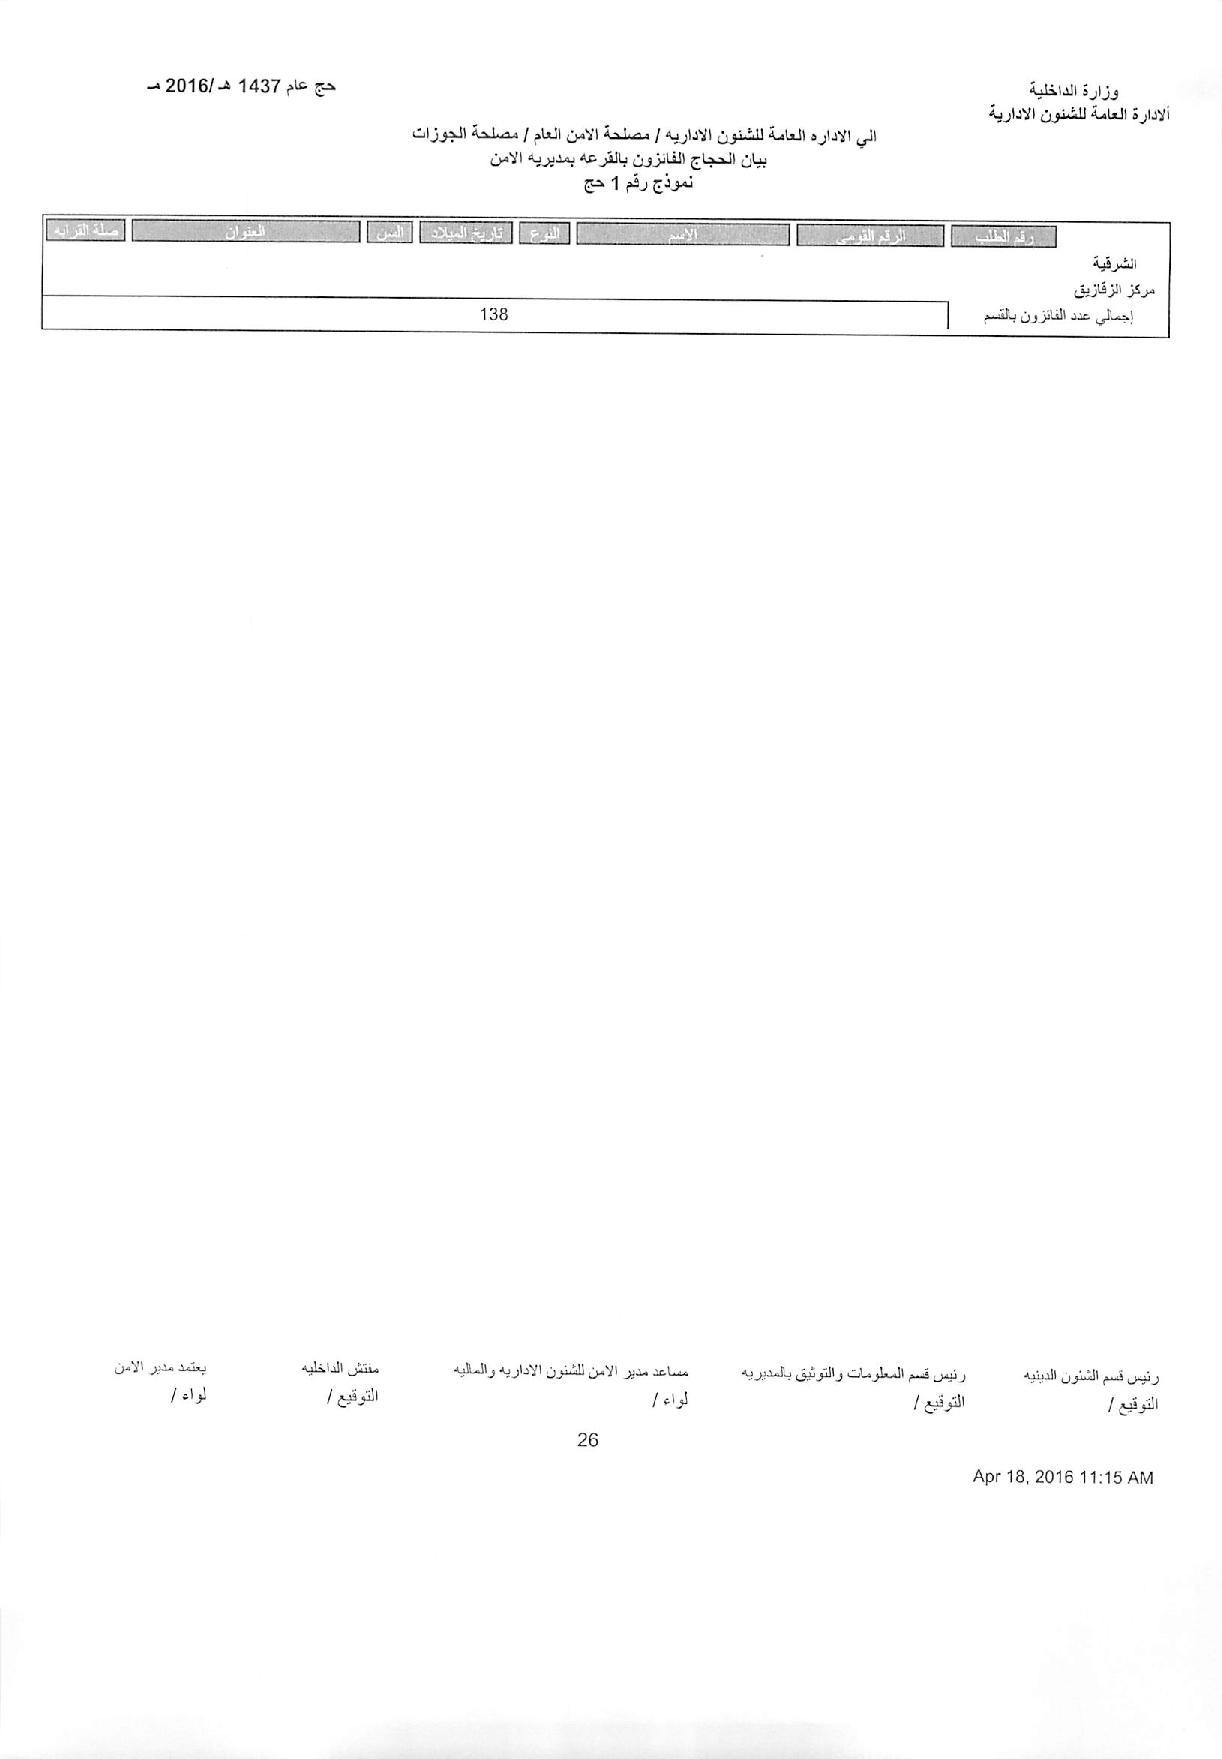 اسماء الحجاج الفائزون بالقرعة لعام 1437هـ 2016م (62)